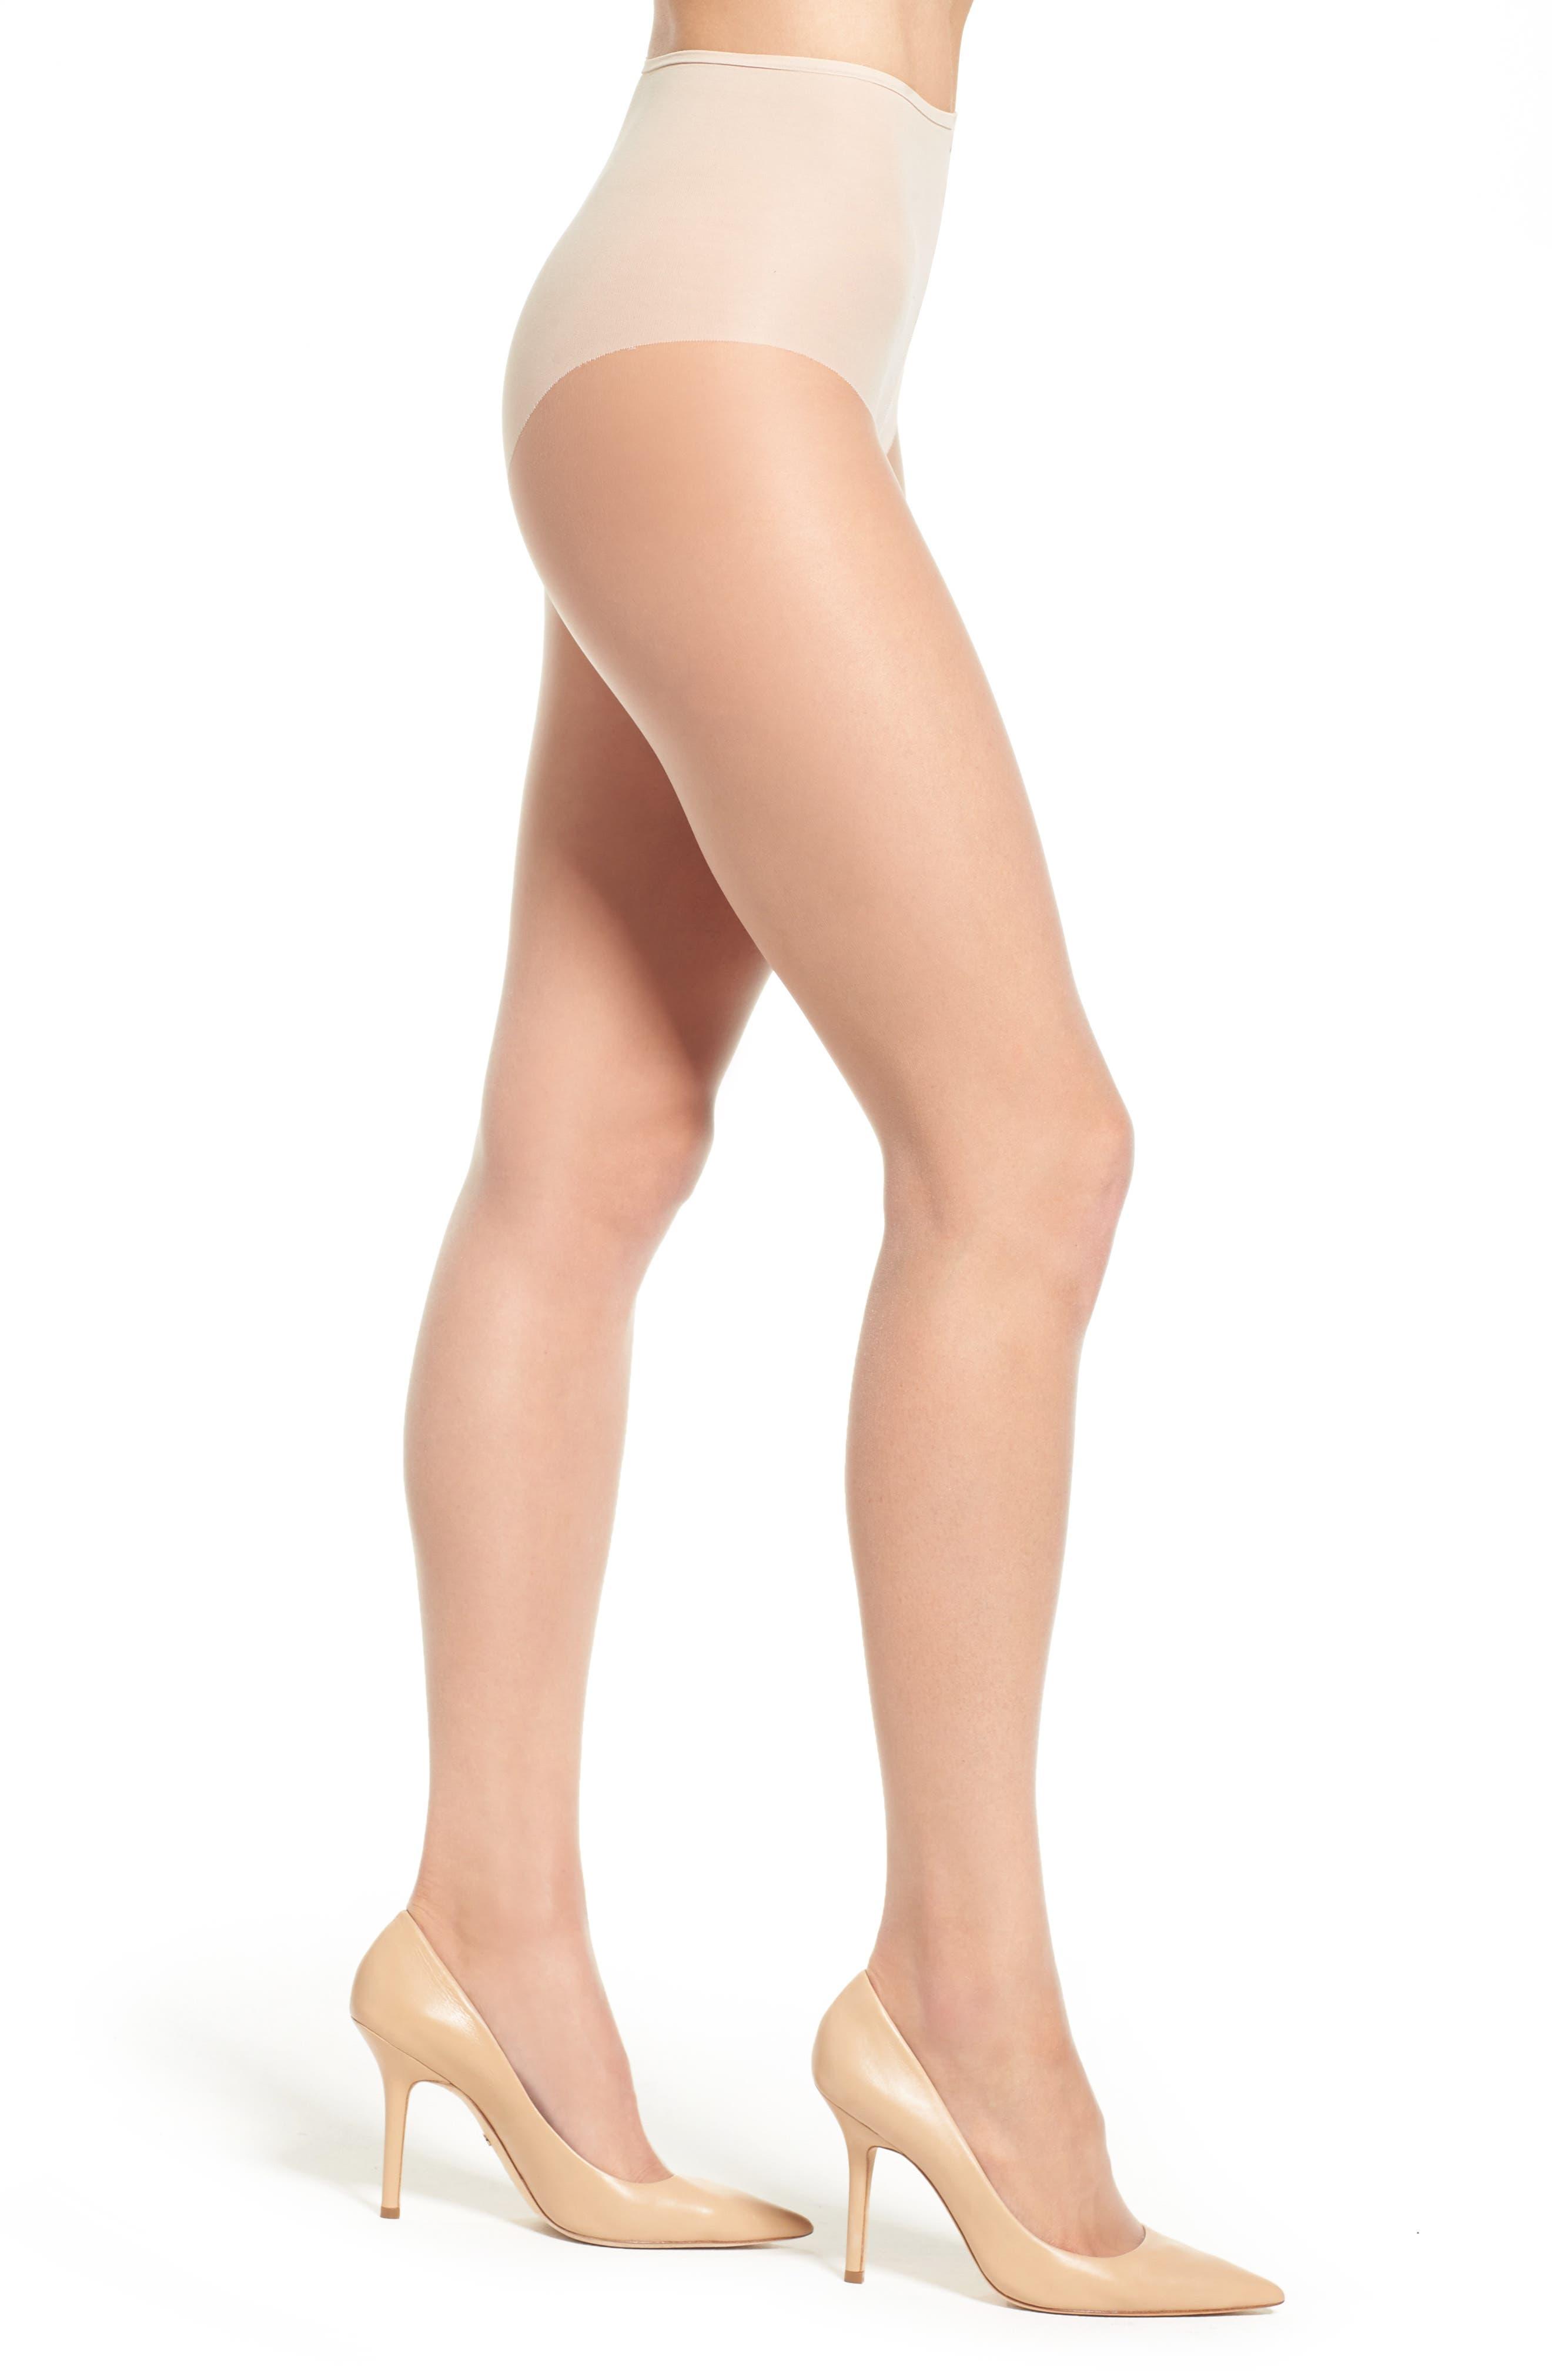 Donna Karan Beyond The Nudes Control Top Pantyhose,                             Main thumbnail 1, color,                             241